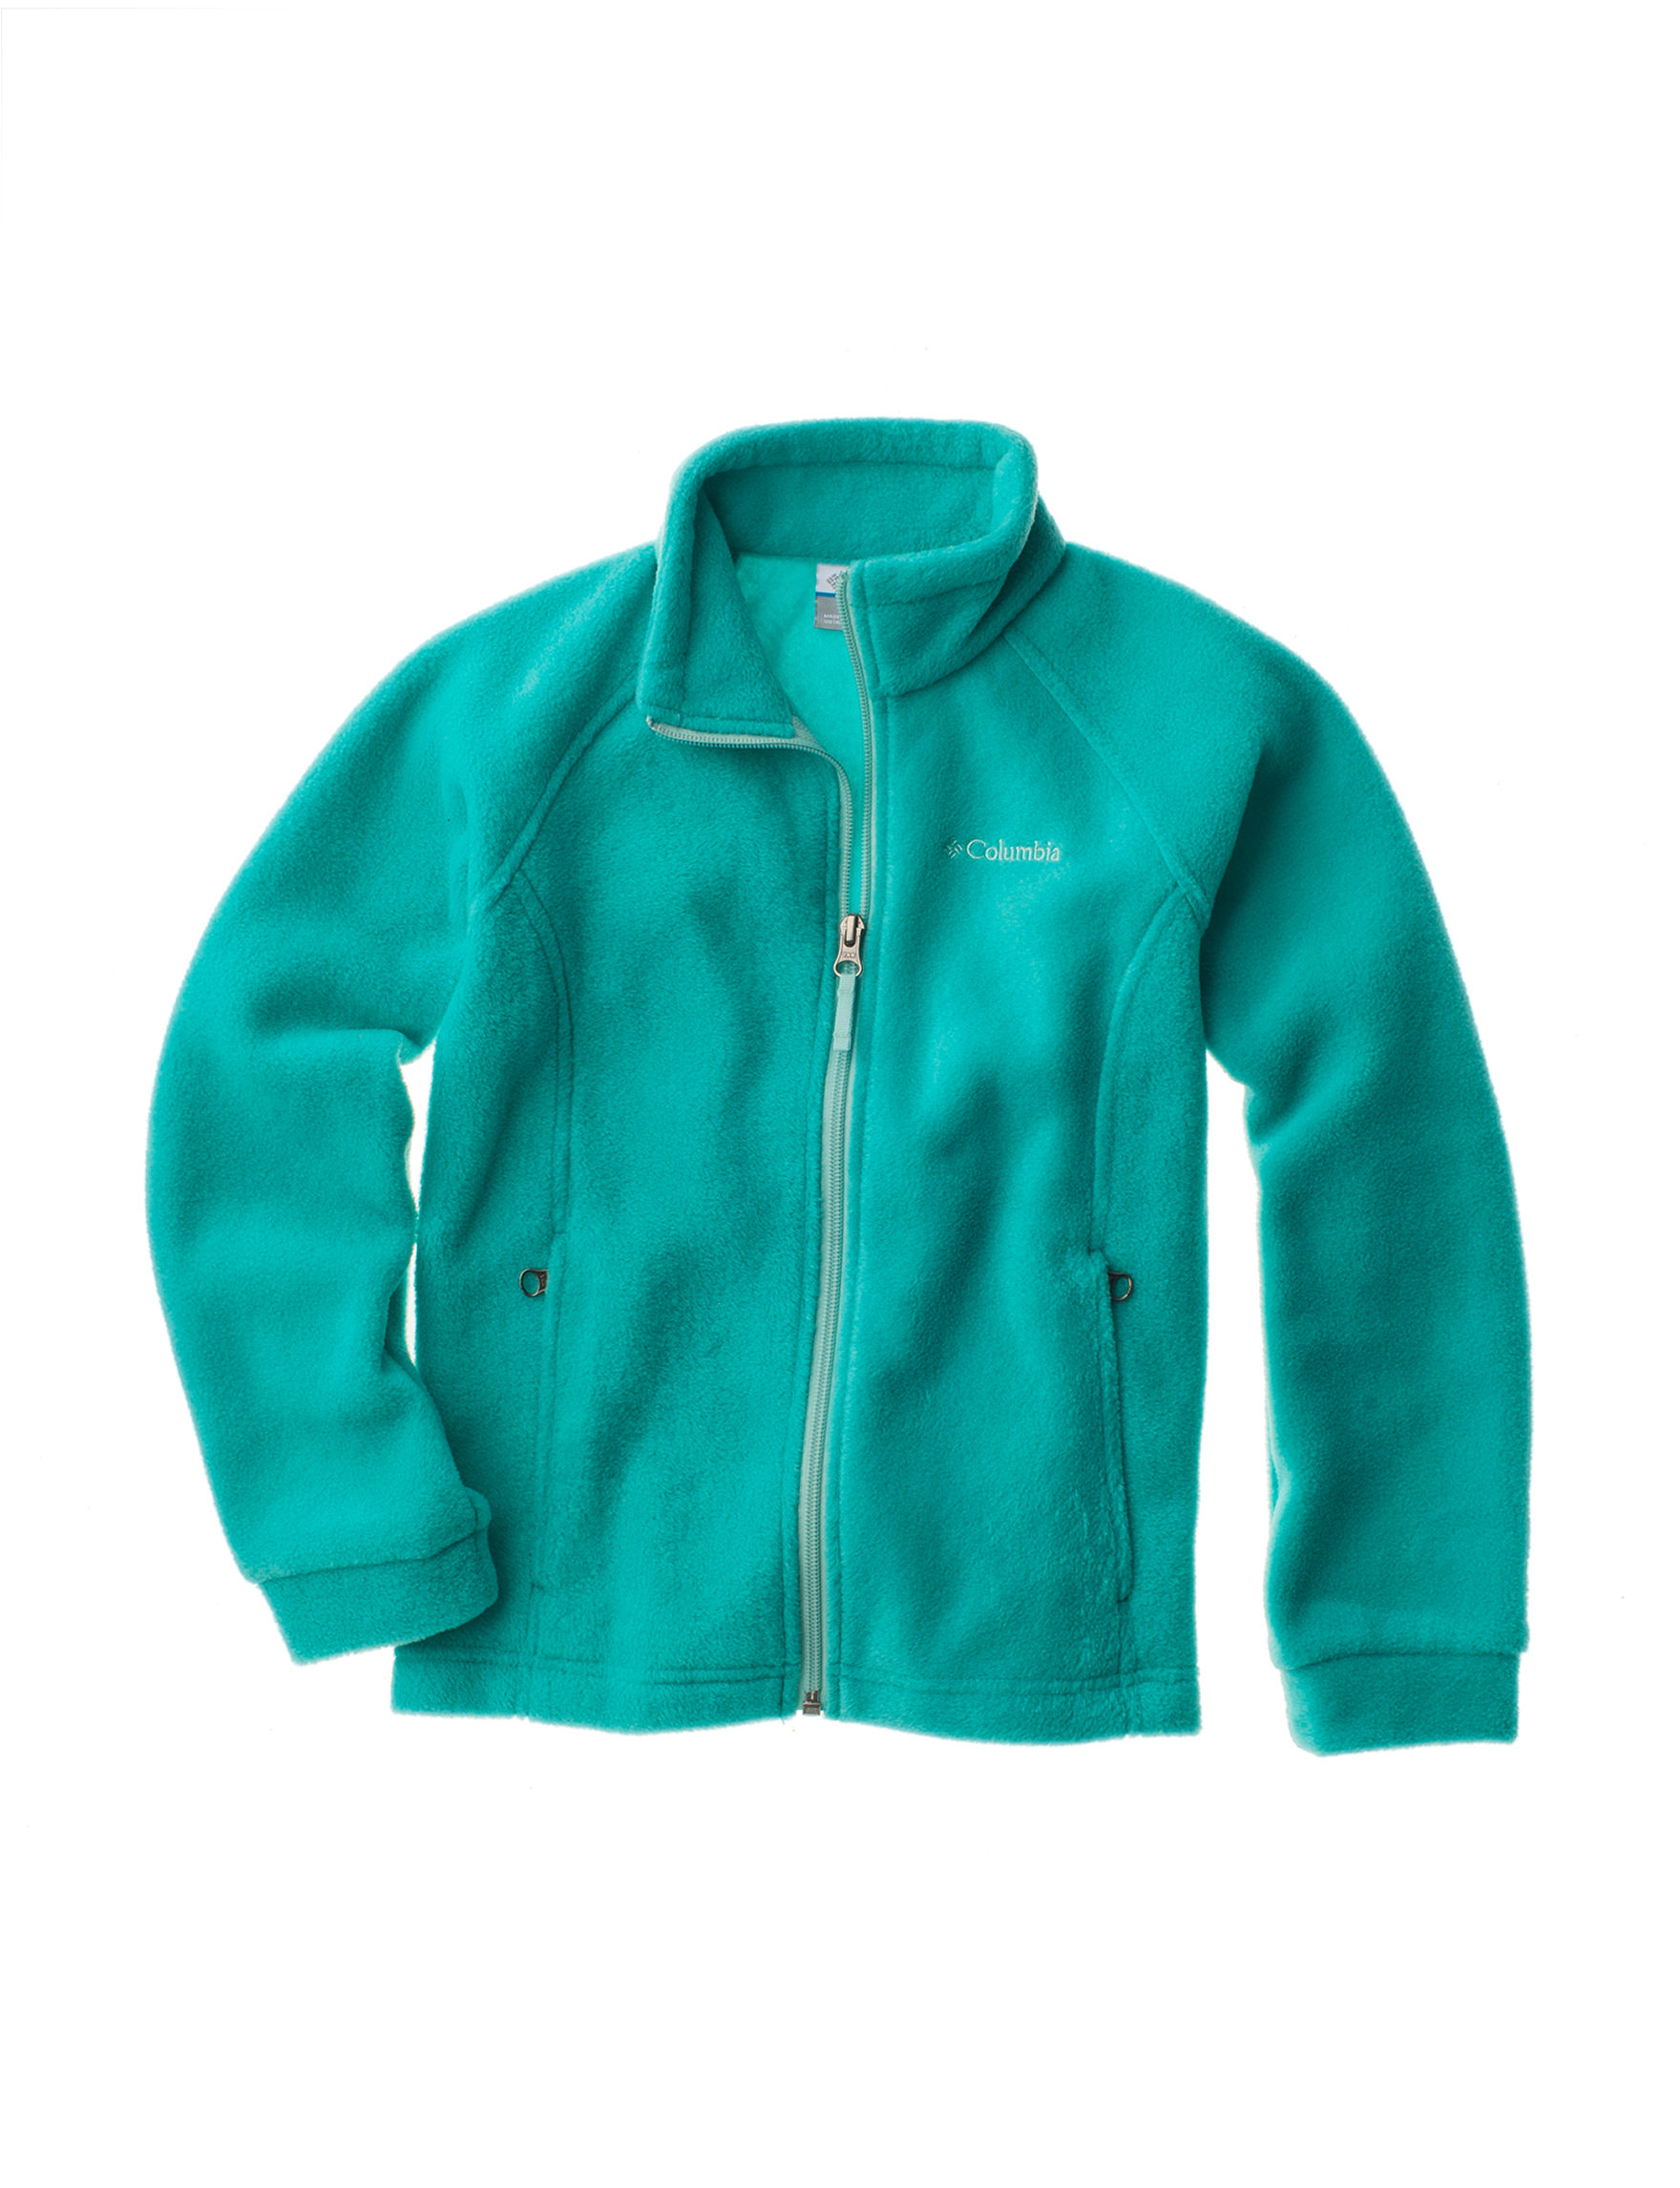 Columbia Miami Fleece & Soft Shell Jackets